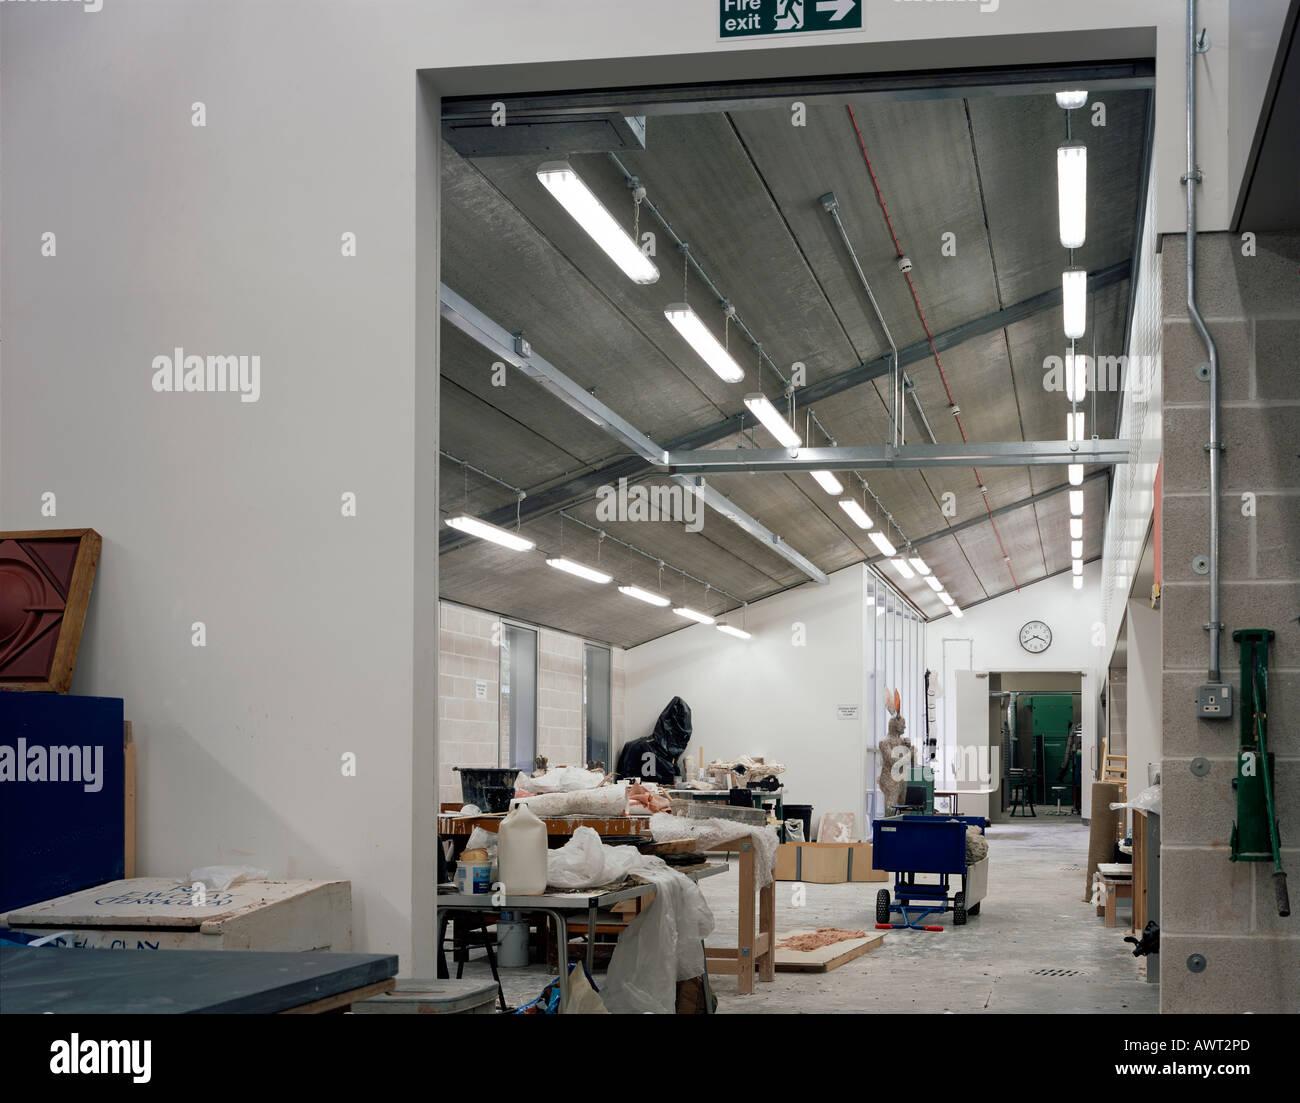 Architecture College Contemporary Corridor Design Education